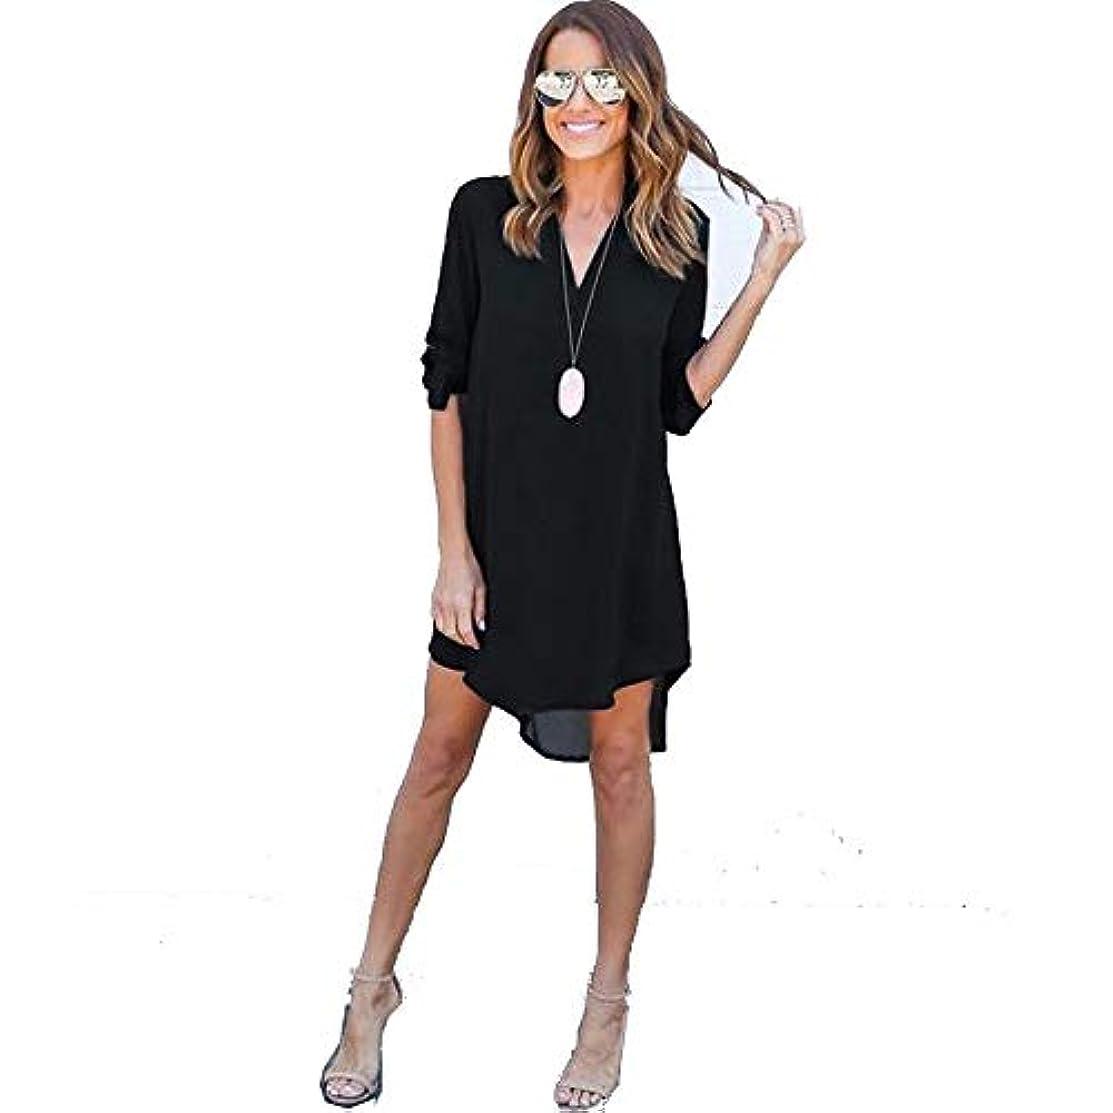 無傷足首モバイルMIFAN女性ドレス、シフォン、Vネック、無地、長袖、ゆったり、ミニドレス、Tシャツドレス